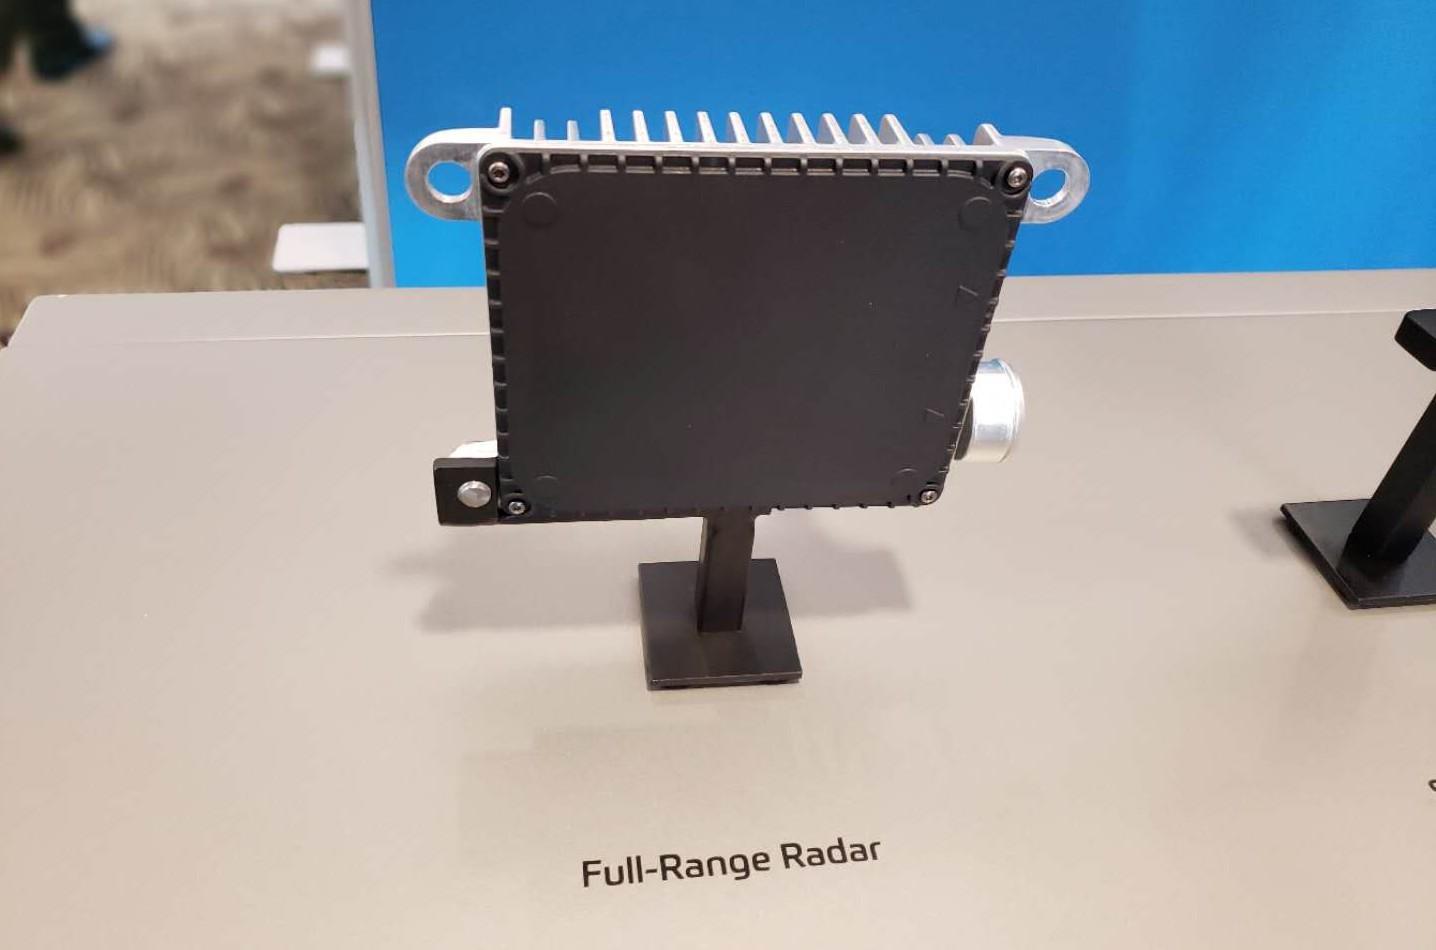 Full-Range Radar